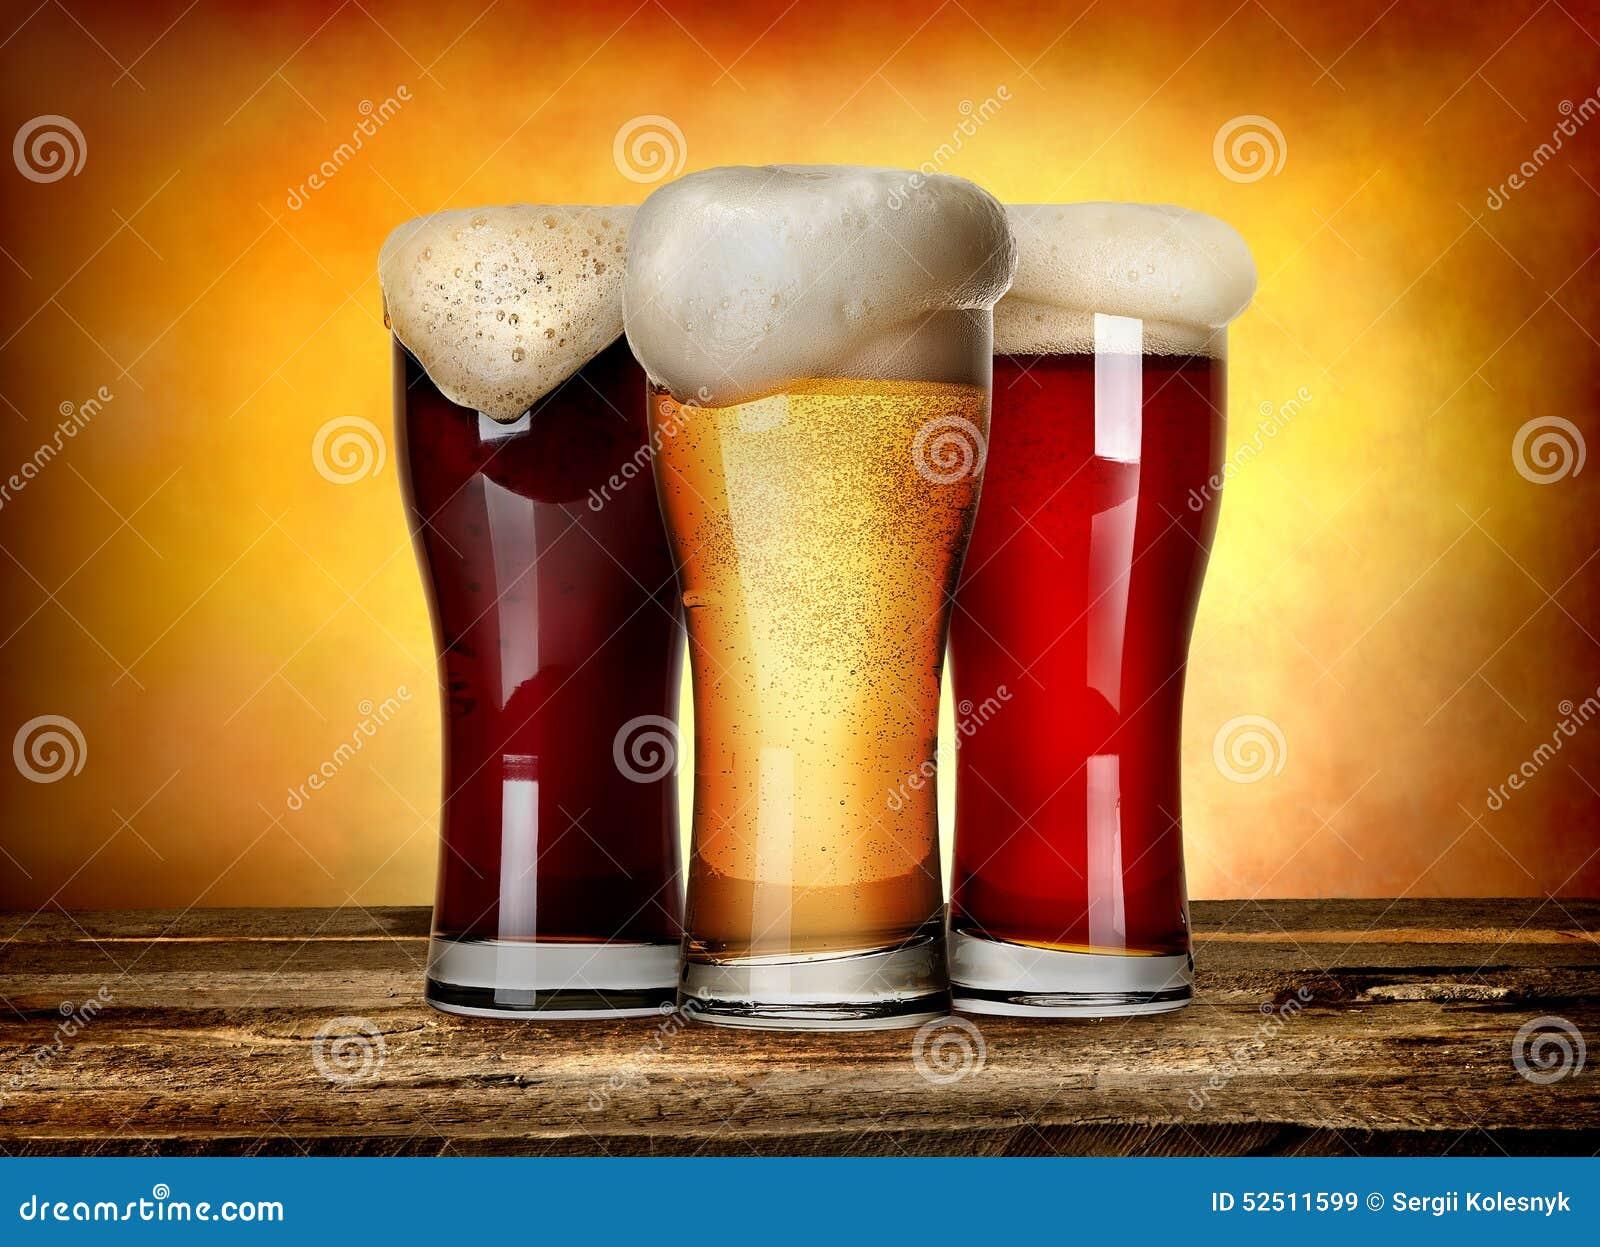 Tre specie di birra